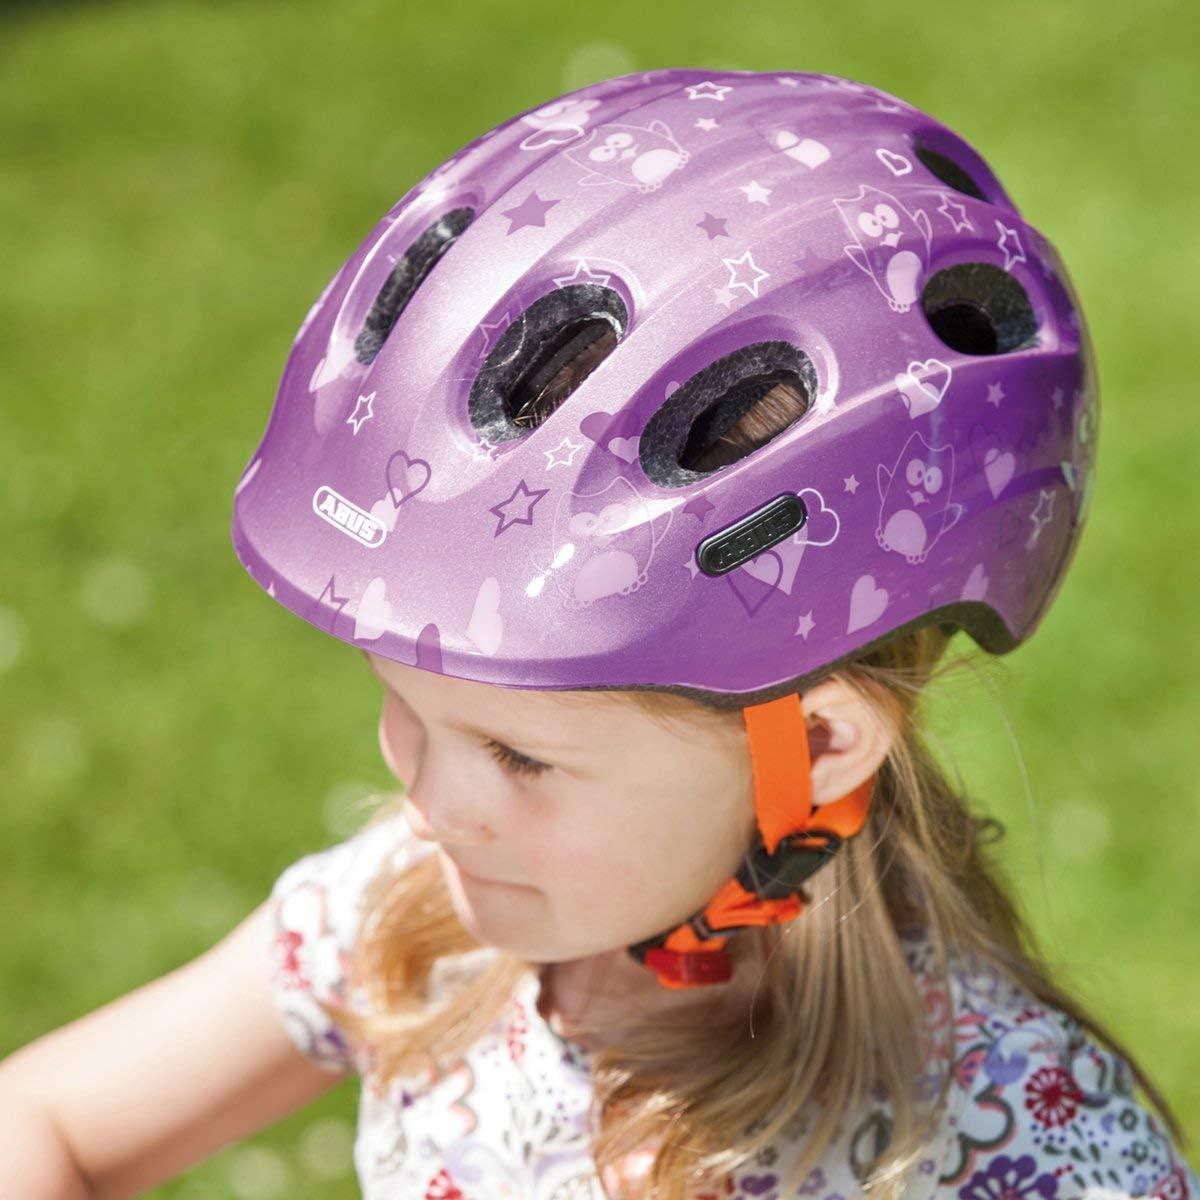 Abus Smiley 2.0, Casco da Bicicletta Bambina purple star